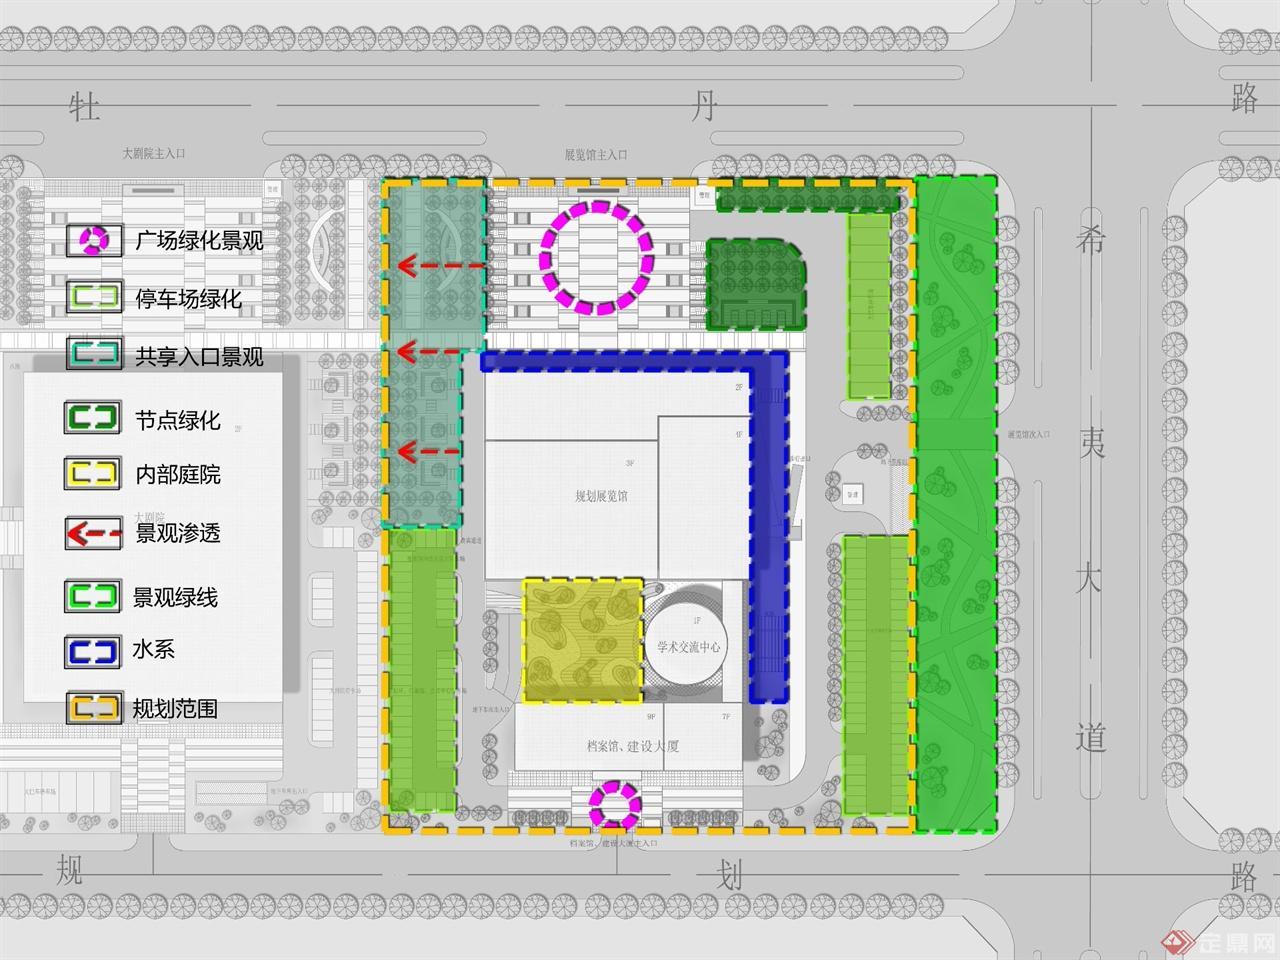 城市规划展览馆